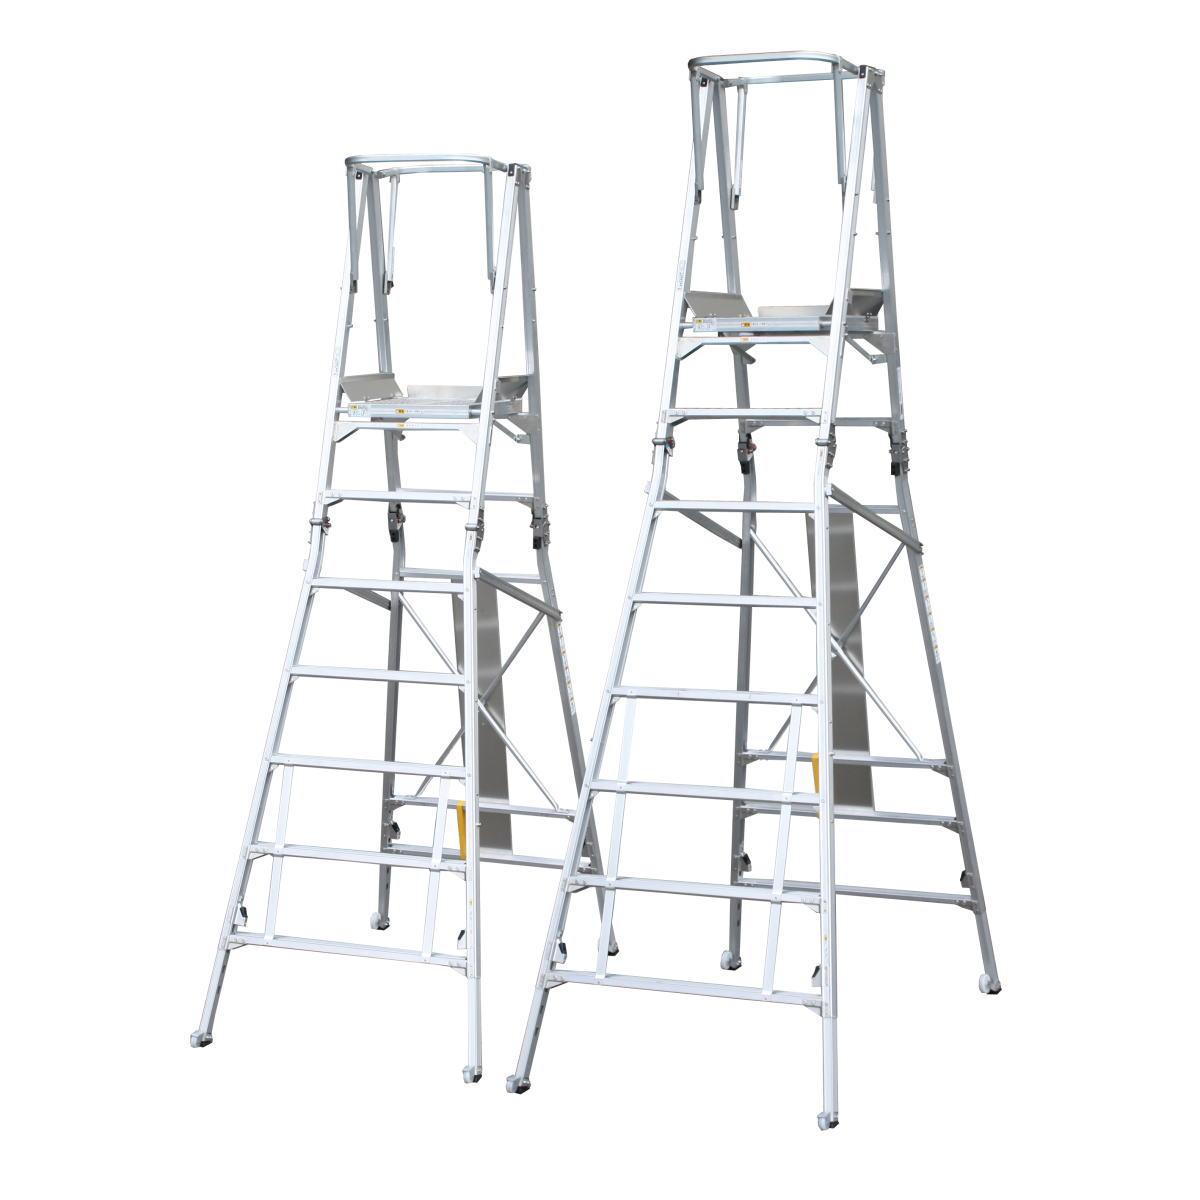 ナカオ CEH-270 コンスタワー 作業用踏台